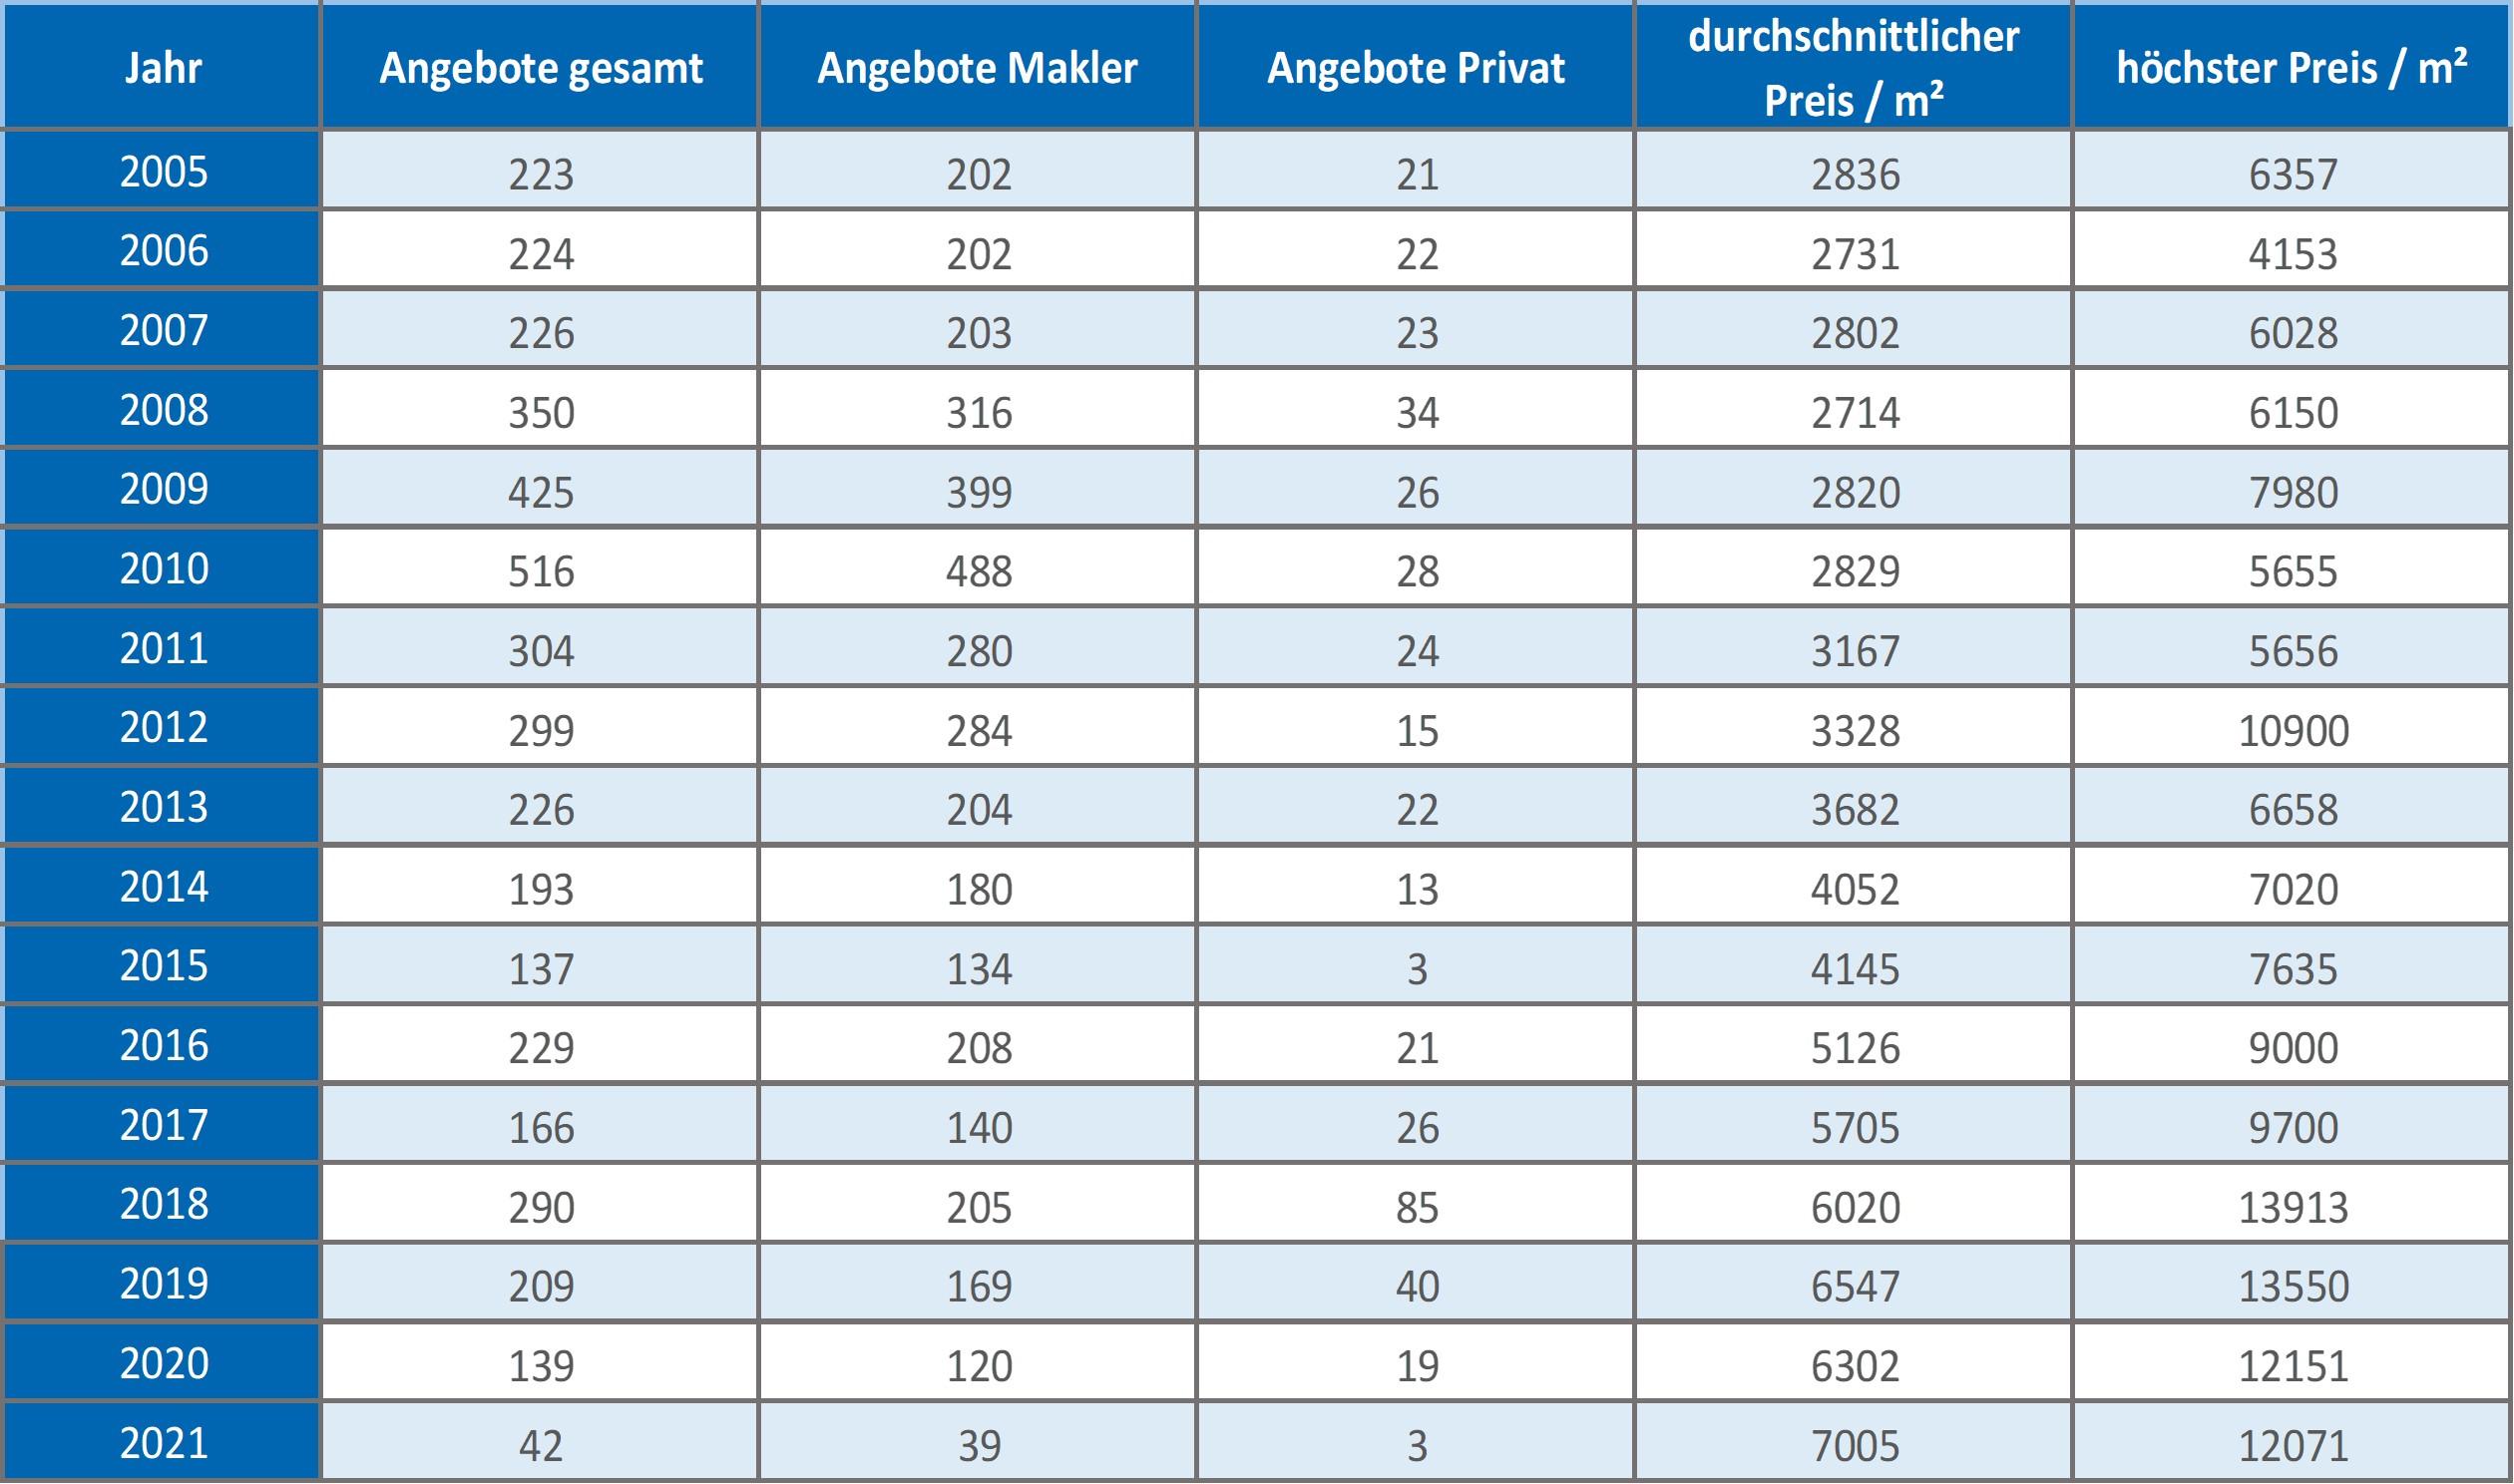 Dachau-Haus-kaufen-verkaufen-Makler 2019 2020 2021